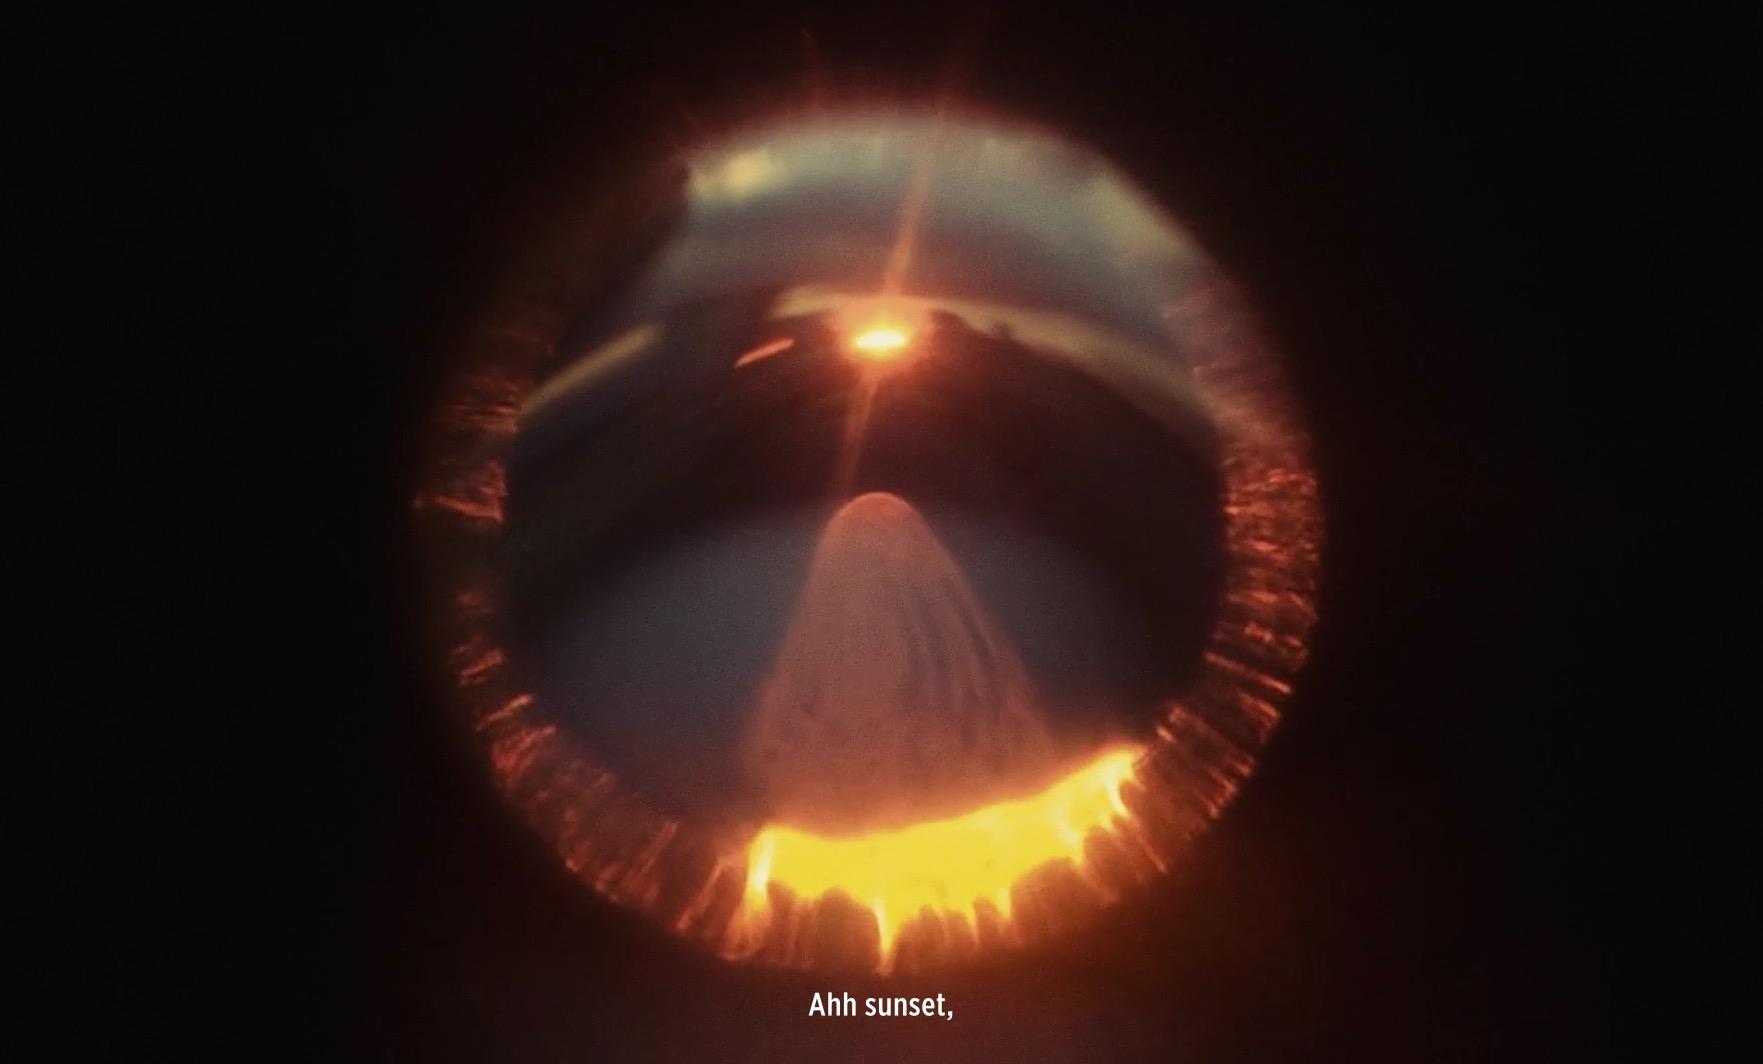 fotogramma tratto dal video